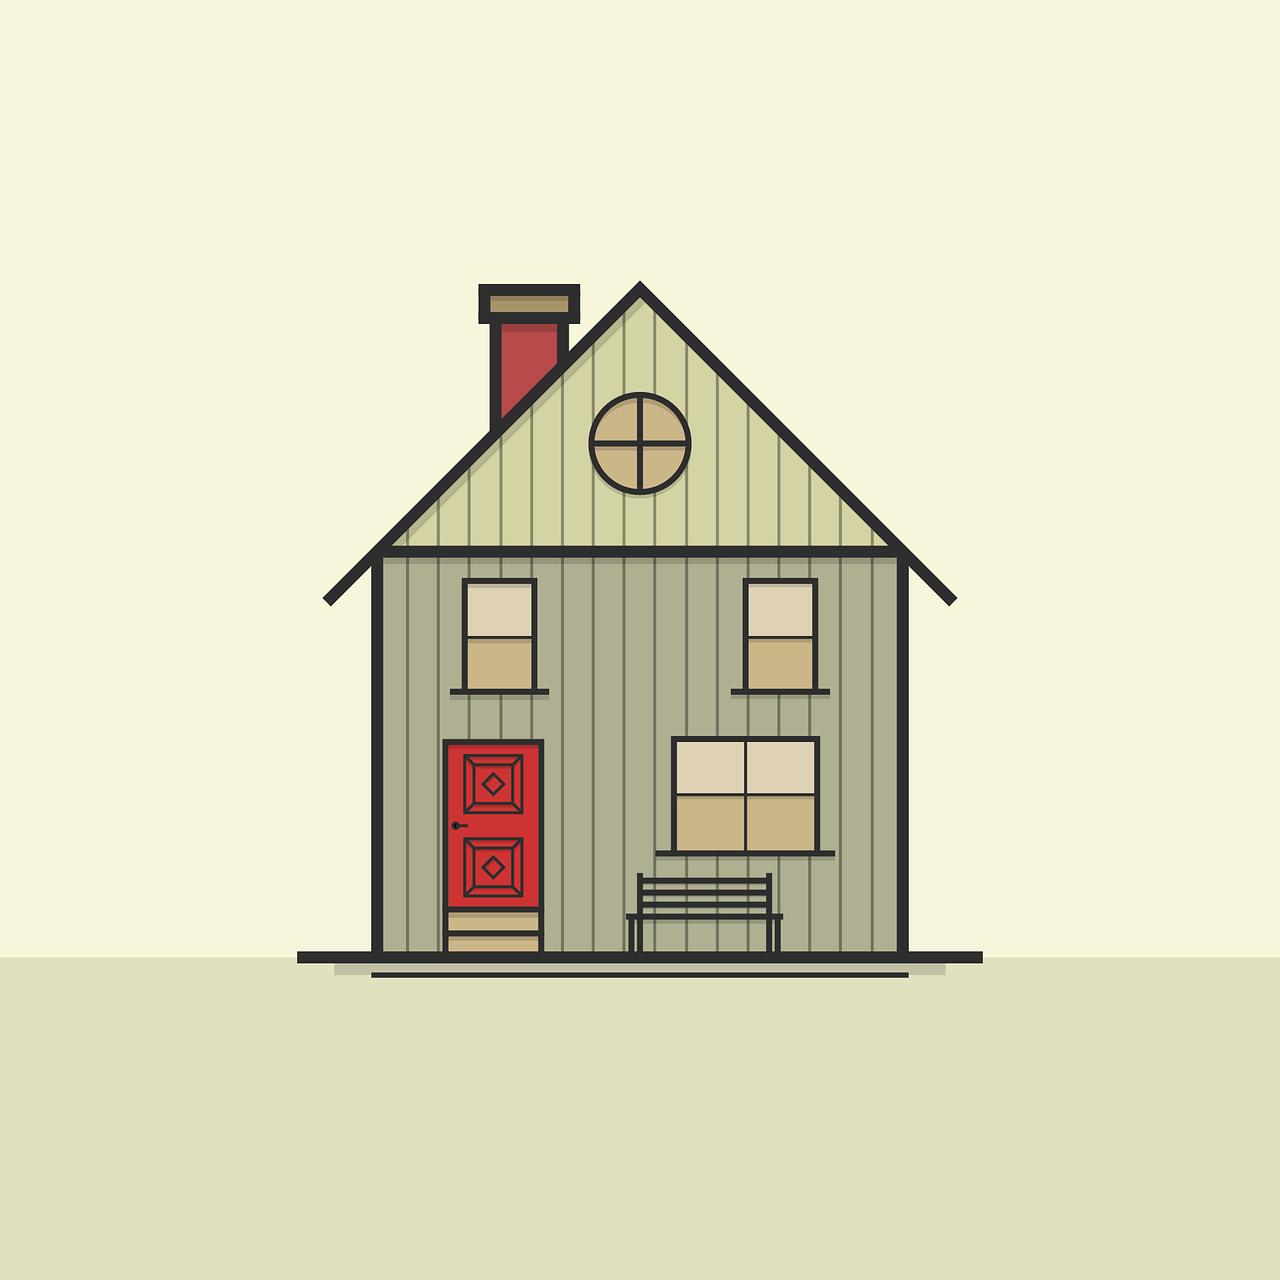 этажи частного дома